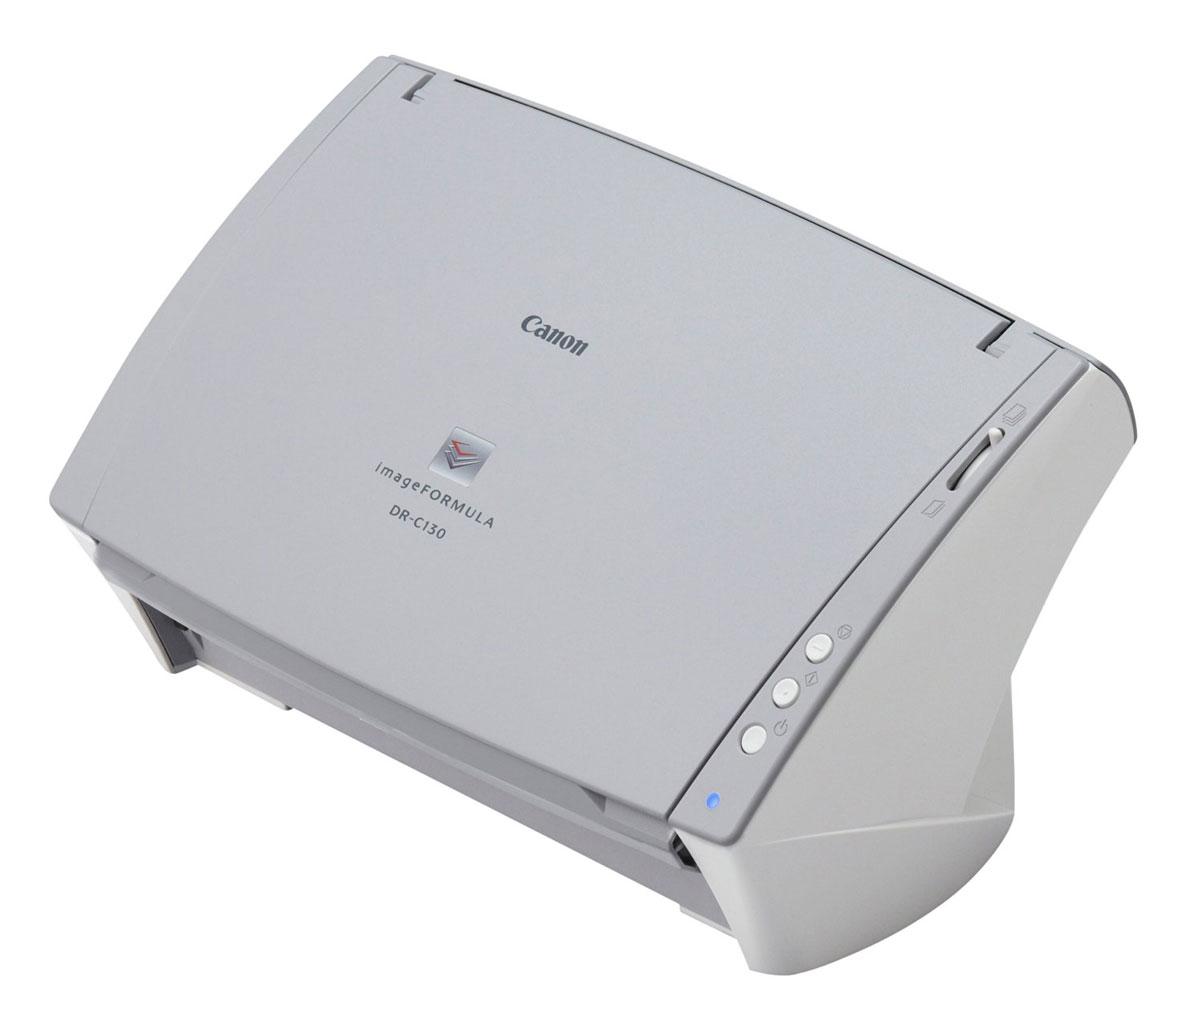 Canon DR-C130 (6583B003) сканер6583B003Высокоскоростной интуитивный Canon DR-C130 повышает производительность офисов и рабочих групп благодаря полному набору профессионального программного обеспечения и тесной интеграции с облачной средой, что позволяет с легкостью оцифровывать данные и обмениваться информацией.Высокоскоростное сканирование до 30 стр/мин и 60 изображений/мин достигается как в режиме цветного, так и черно-белого сканирования, благодаря инновационному контактному датчику изображения Canon CMOS и технологии светодиодов высокой яркости. Возможность сканирования двусторонних документов за один проход увеличивает скорость документооборота, тогда как устройство автоматической подачи документов на 50 листов позволяет поддерживать высокий уровень производительности. Энергоэффективность DR-C130 до 50% выше, чем у его конкурентов на рынке.Передняя панель управления позволяет с легкостью останавливать, запускать и продолжать сканирование одним нажатием кнопки. Вы также можете зарегистрировать задания для сканирования с помощью программного обеспечения CaptureOnTouch и назначить их сканирование кнопке запуска, чтобы обеспечить быстрое выполнение частых операций сканирования. CaptureOnTouch реализует полностью автоматический режим, который применяет наиболее подходящие настройки для сканирования, обеспечивая экономию вашего времени.Canon DR-C130 работает с различными материалами – от карточек с тиснением до листов длиной до 3 м. Дизайн лотка позволяет сканировать с закрытым, открытым или полуоткрытым лотком для выхода, обеспечивая универсальность в условиях ограниченности места на рабочем столе. Надежность сканирования также достигается благодаря удобной системе сброса после определения двойной подачи, которая позволяет игнорировать и продолжить выполнение заданий сканирования в особых случаях, например, при сканировании конверта или документа с наклейкой. Canon DR-C130 обладает разнообразными функциями обработки изображений, каждый раз помогая достигать исключит